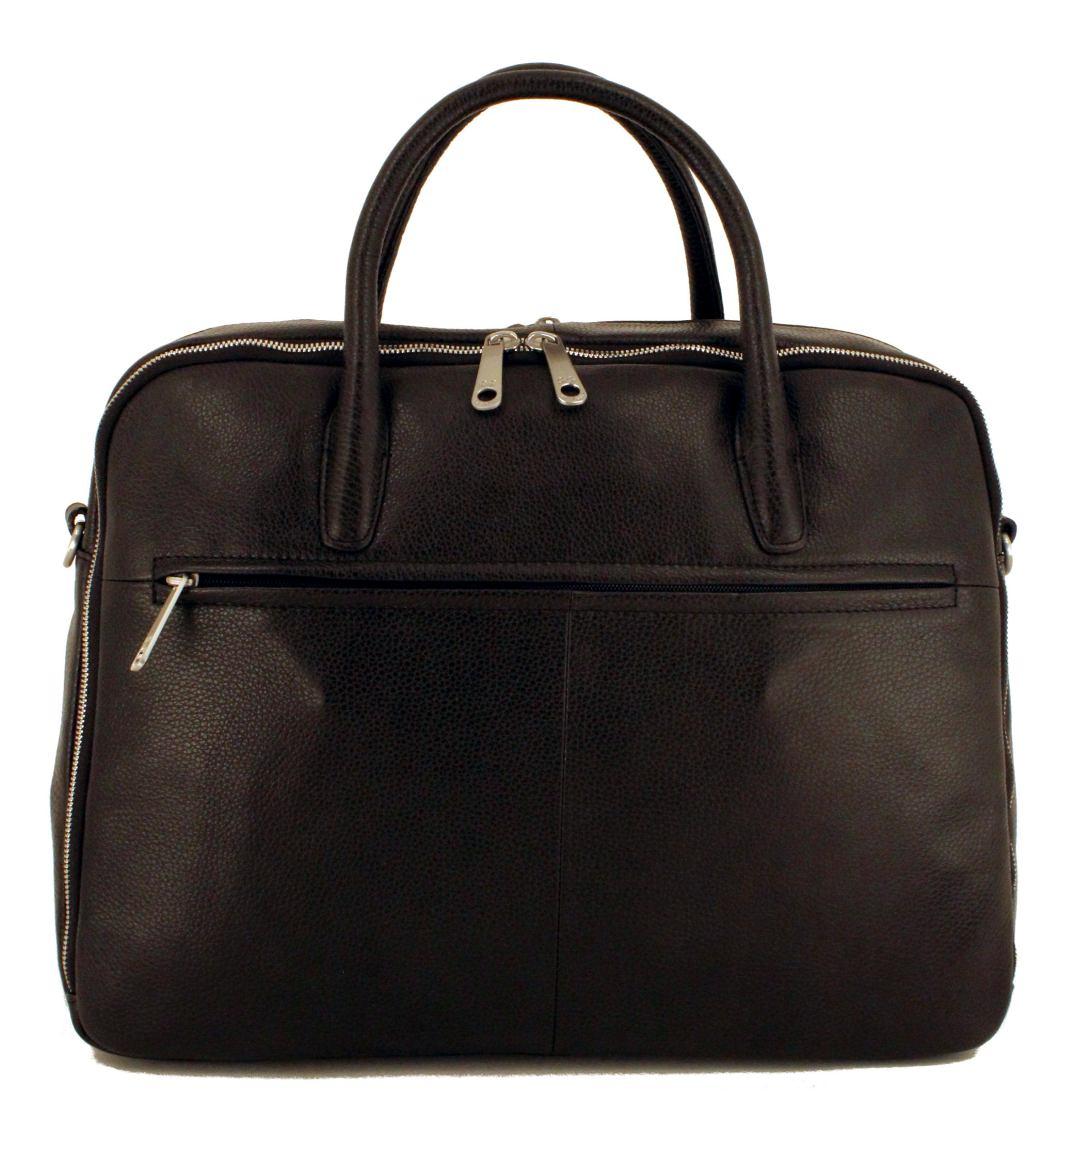 6bee06dfe2abe GiGi Fratelli Aktentasche für Frauen Leder Black Schwarz - Bags   more